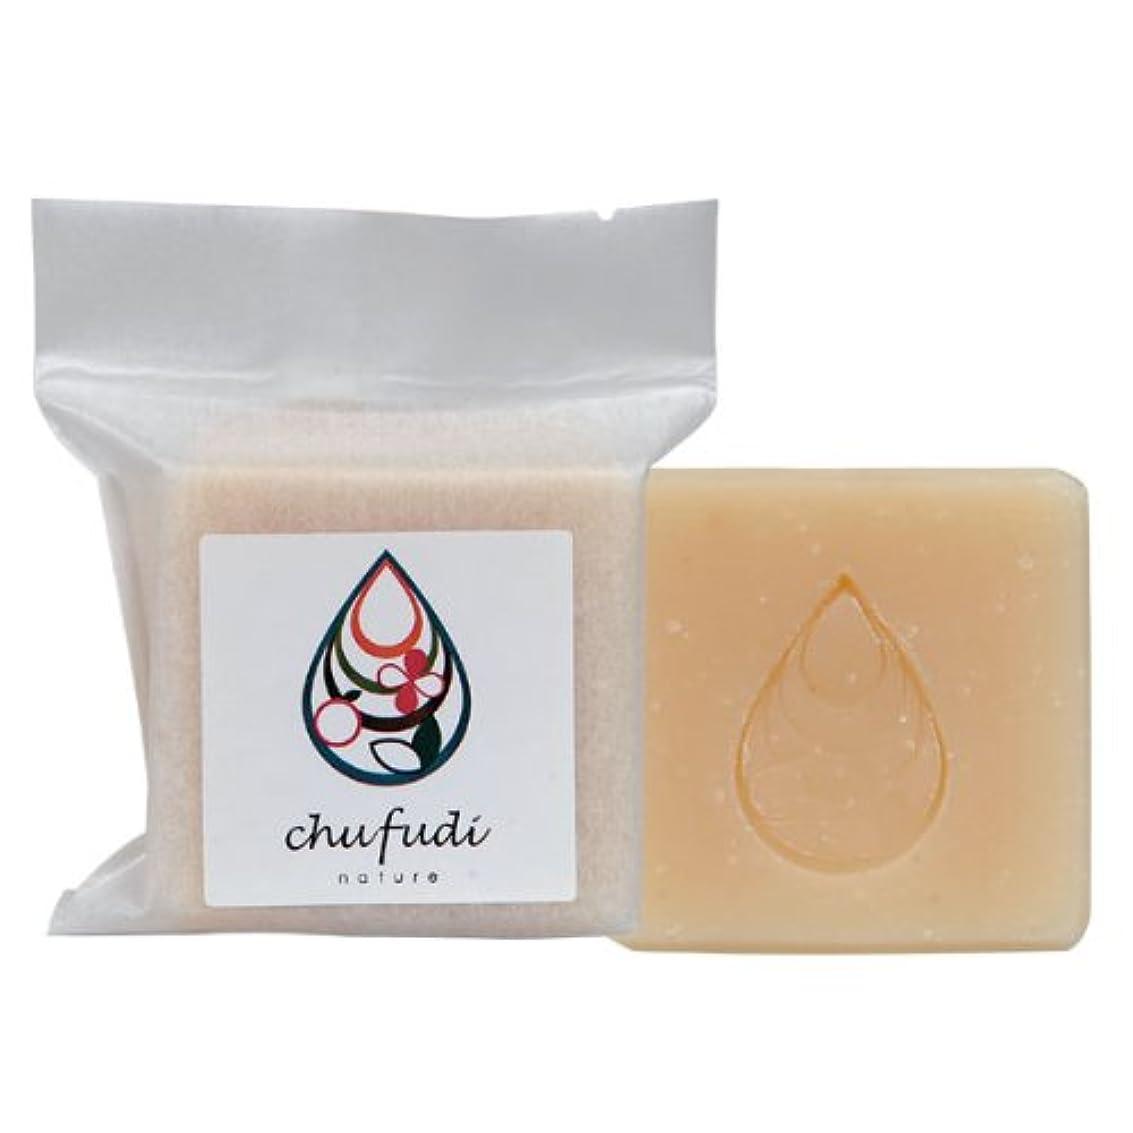 唯一人思いやりのあるチュフディ イランイラン石鹸 100g